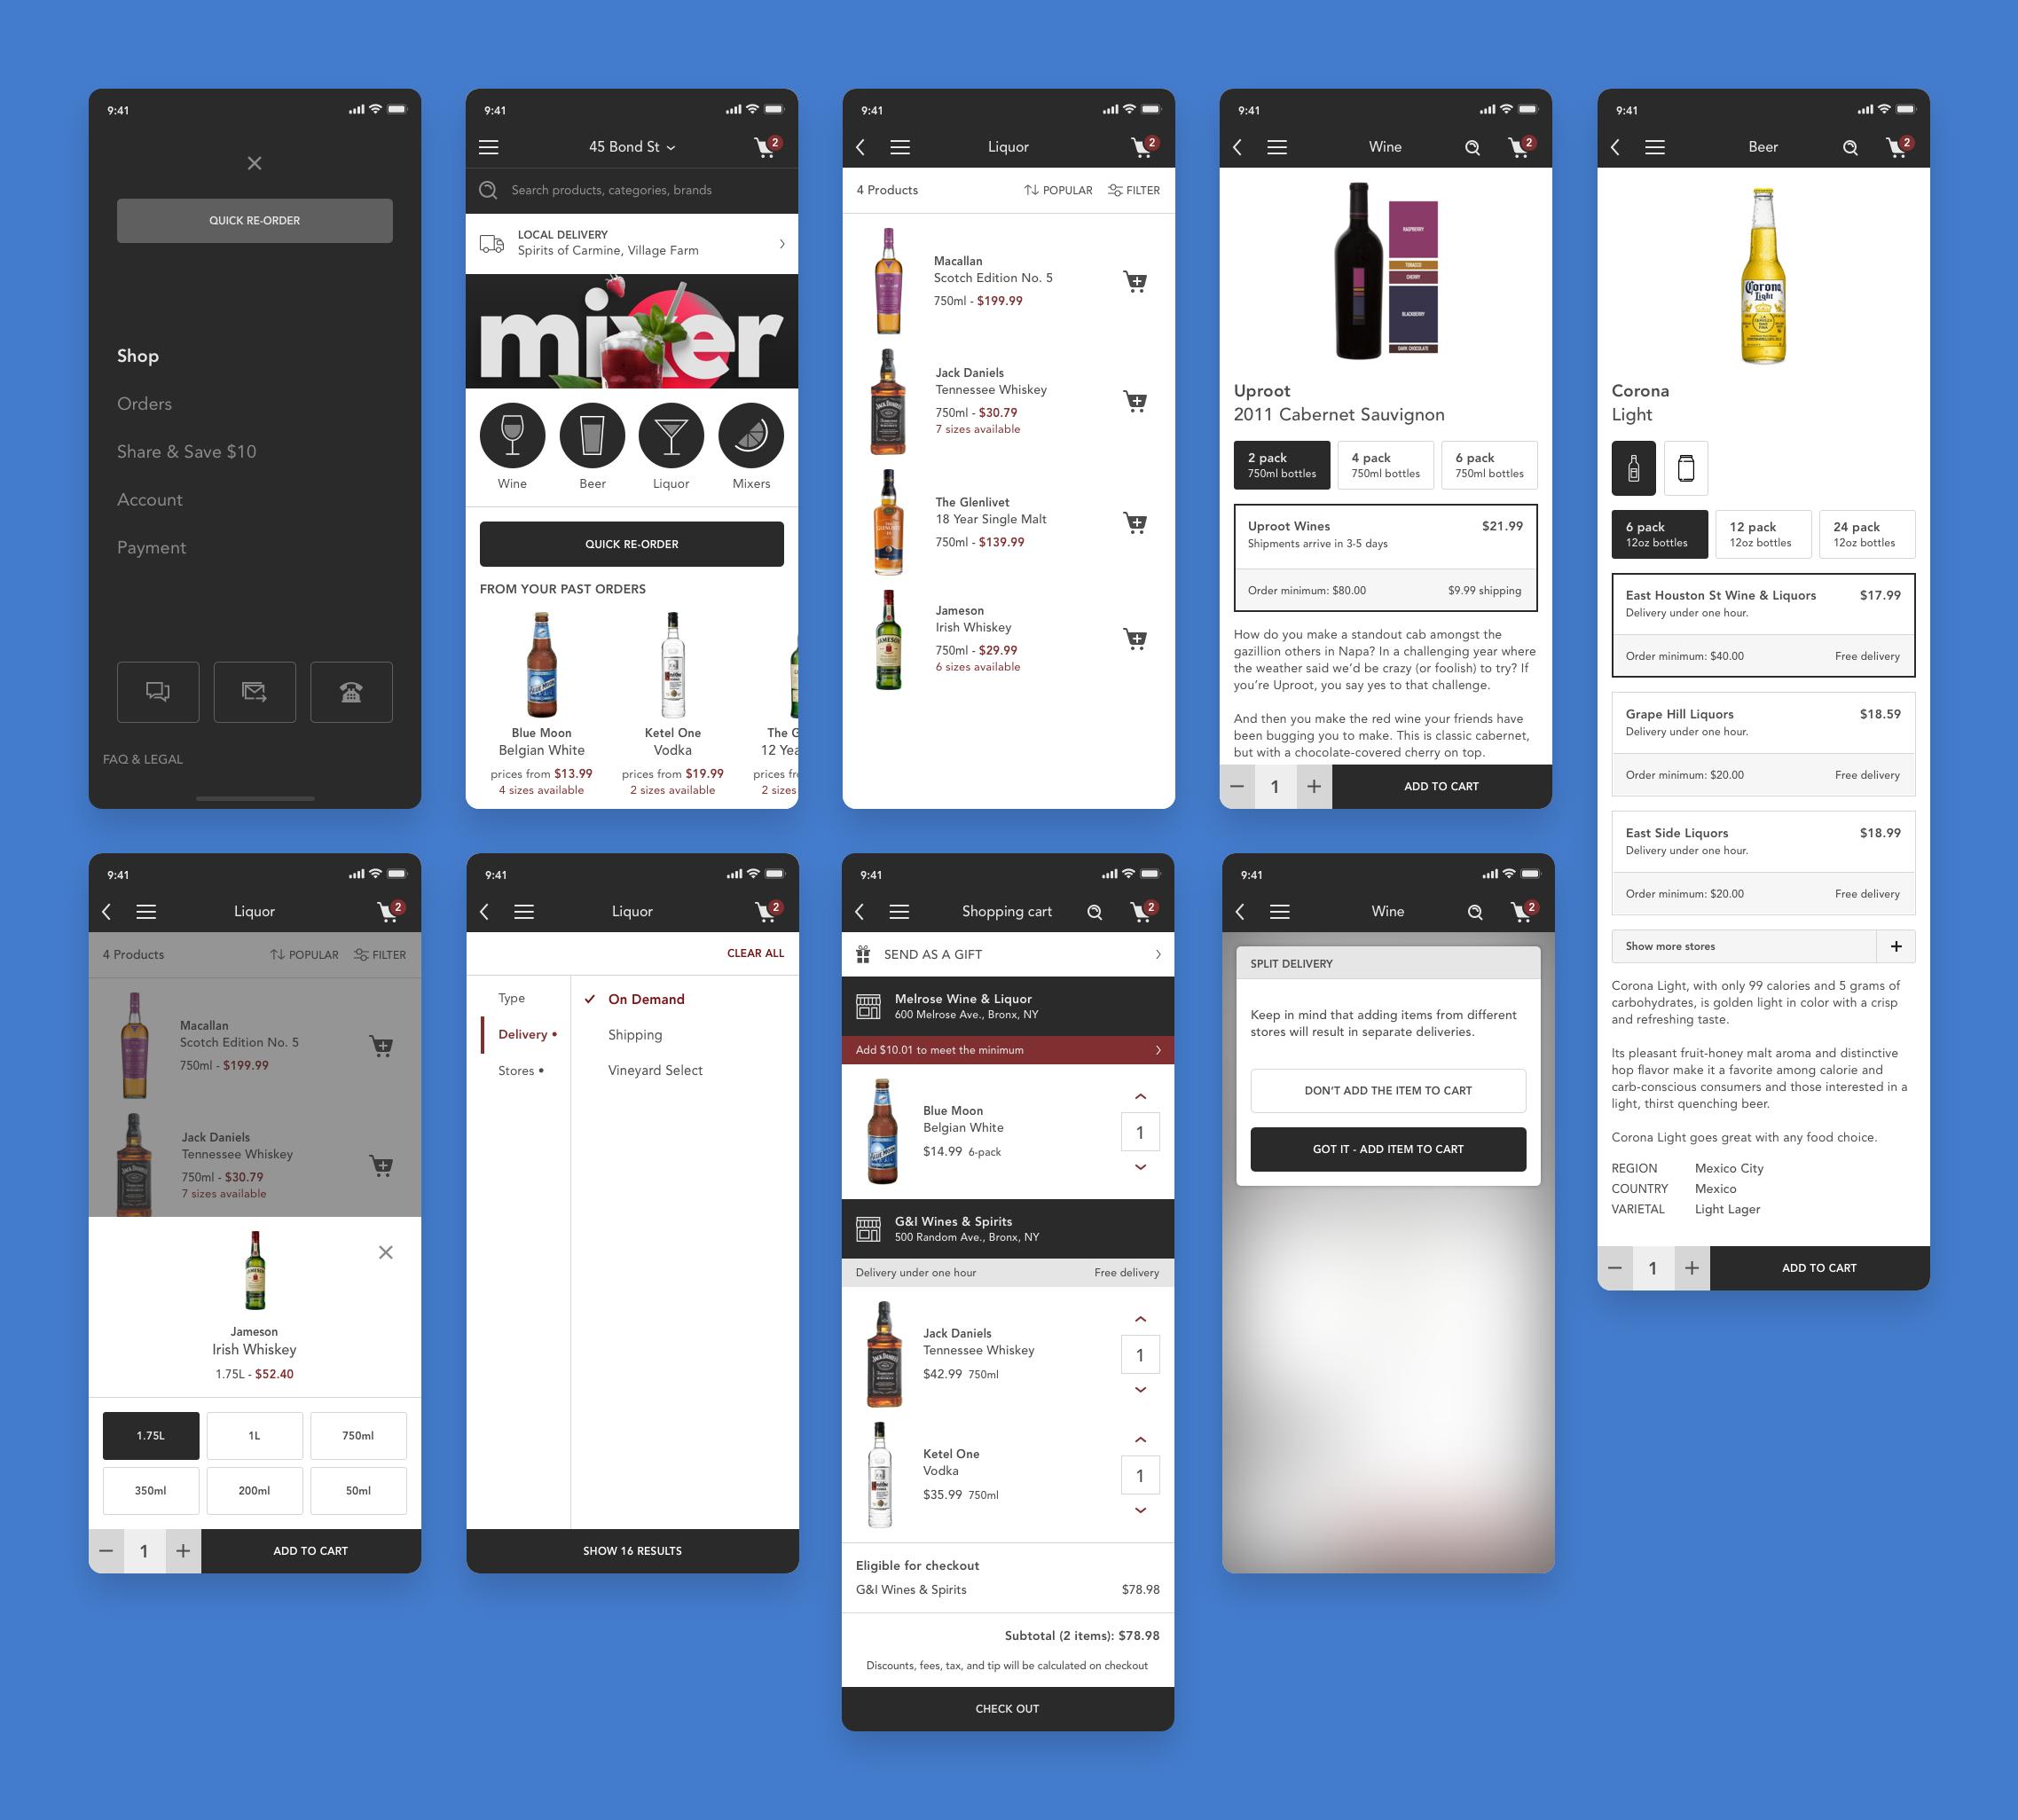 minibar-mobile-native